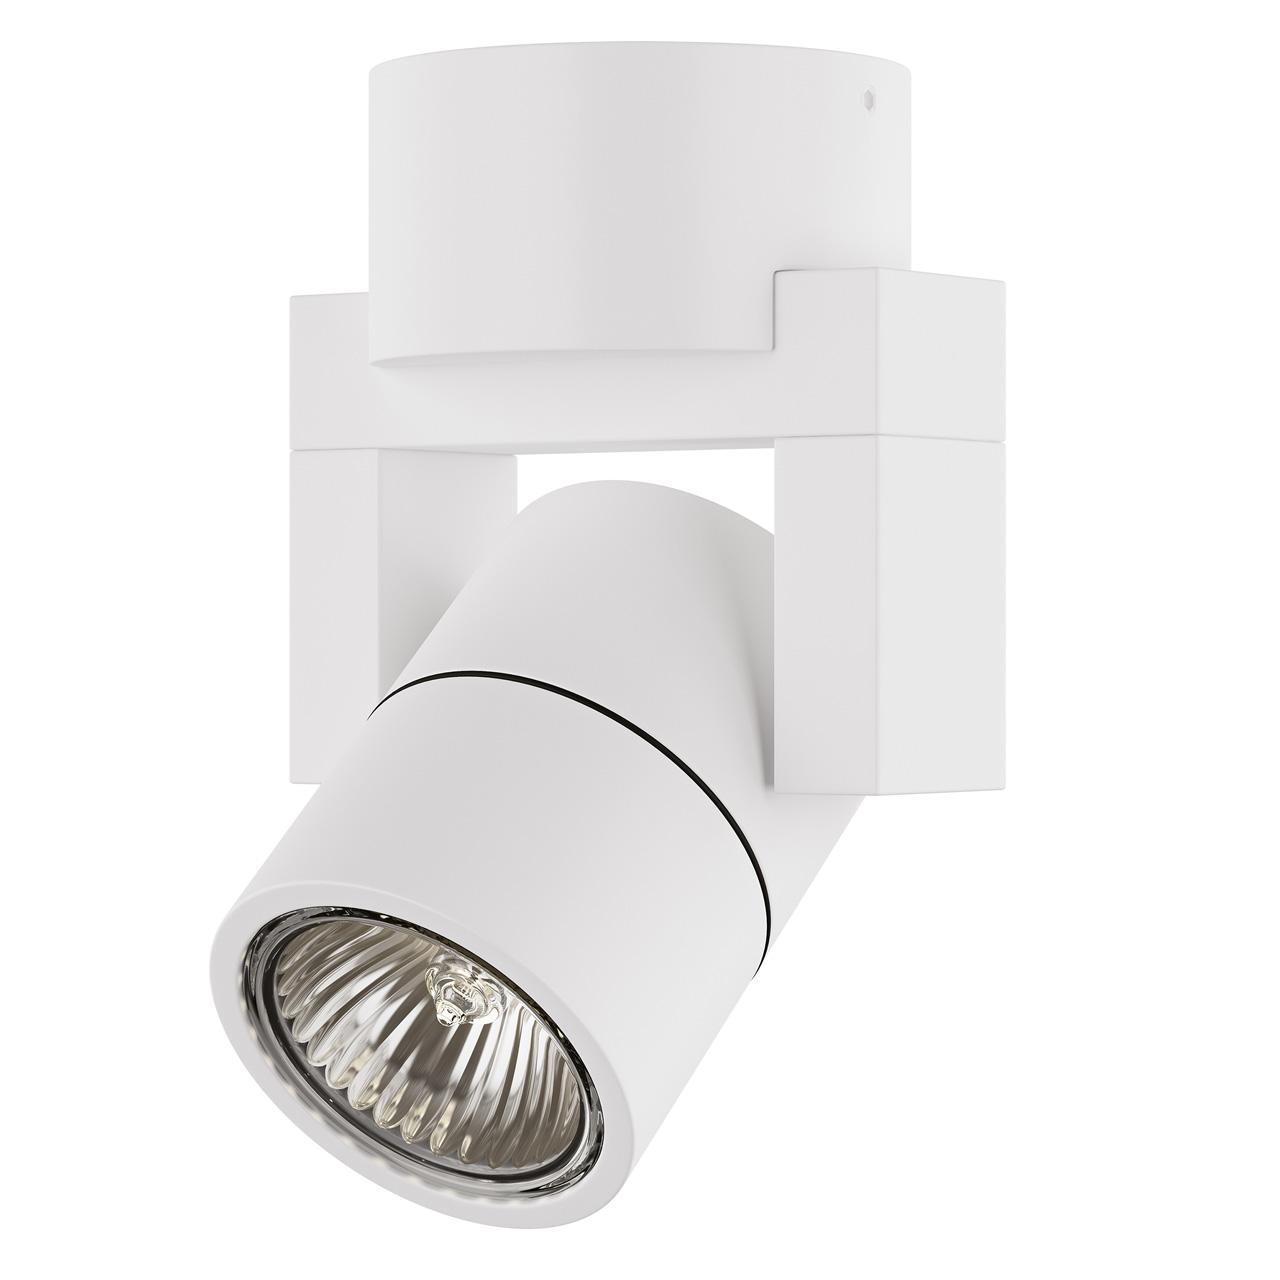 Потолочный светильник Lightstar Illumo L1 Alu 051046 lightstar потолочный светильник lightstar illumo l1 051040